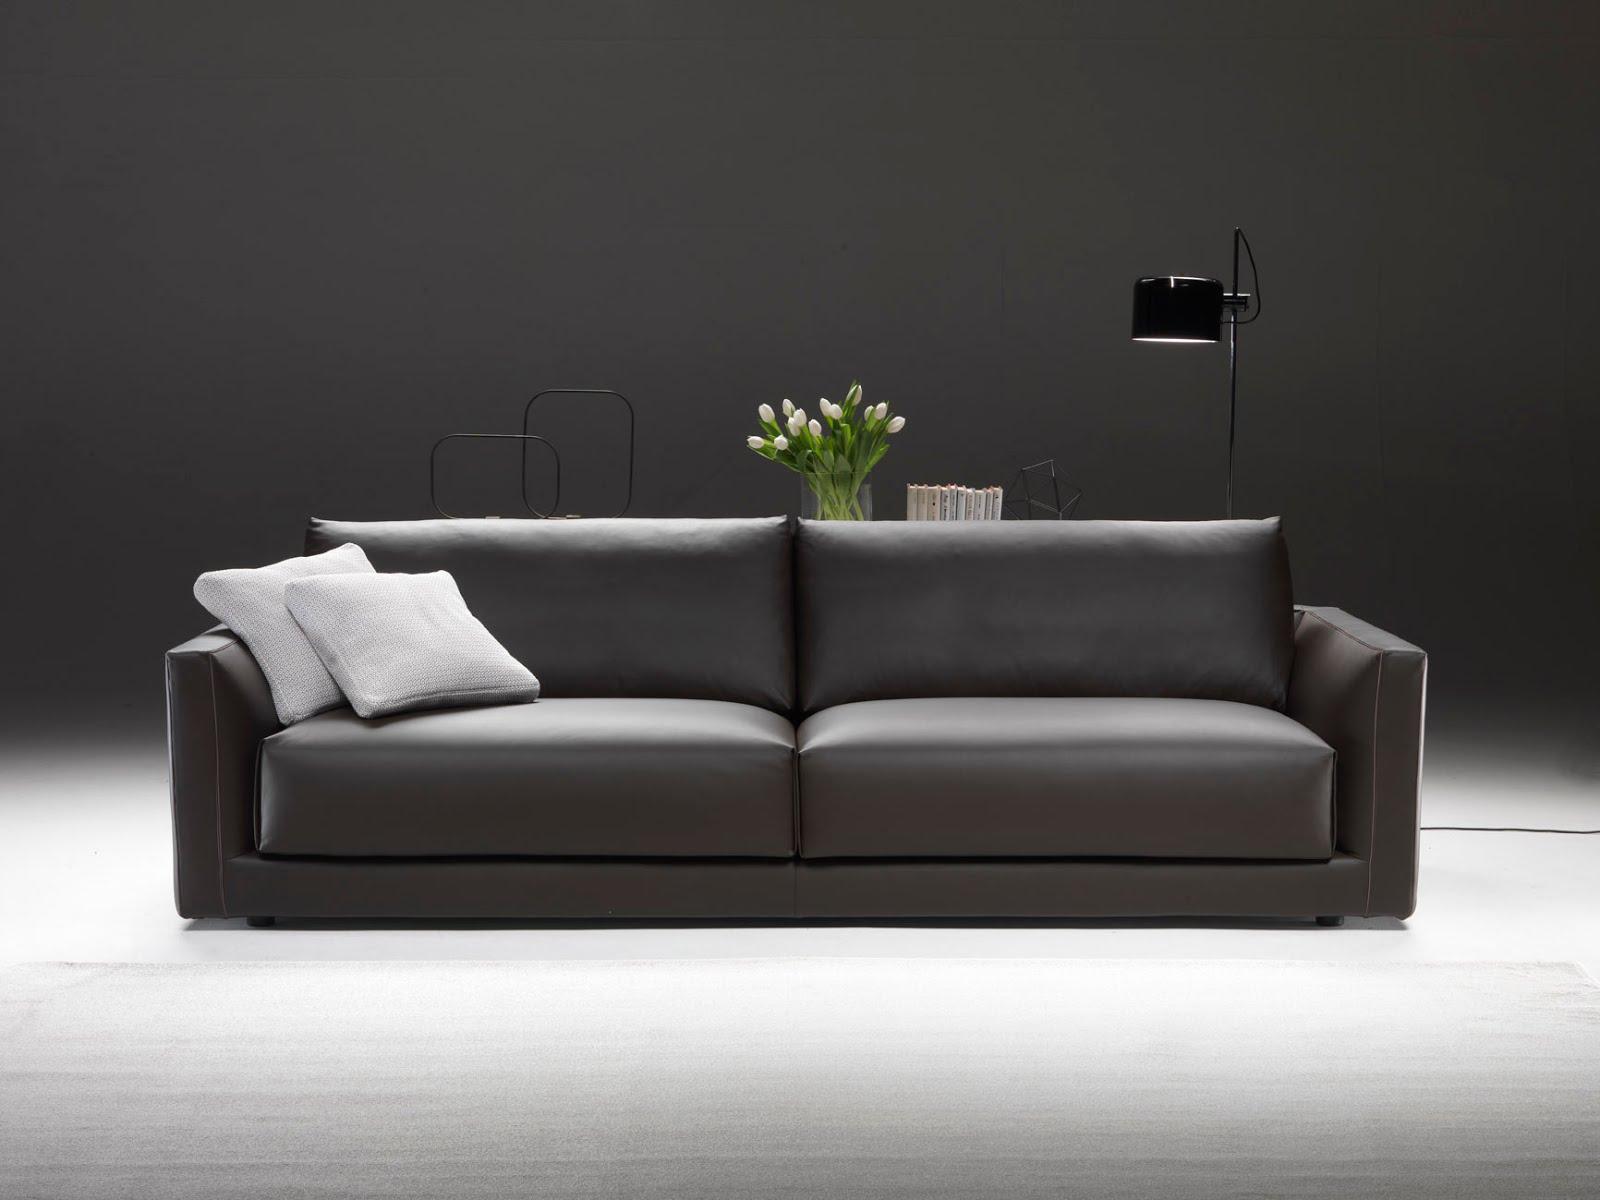 Fabbrica Divani A Brescia fabbrica divani su misura milano | tino mariani